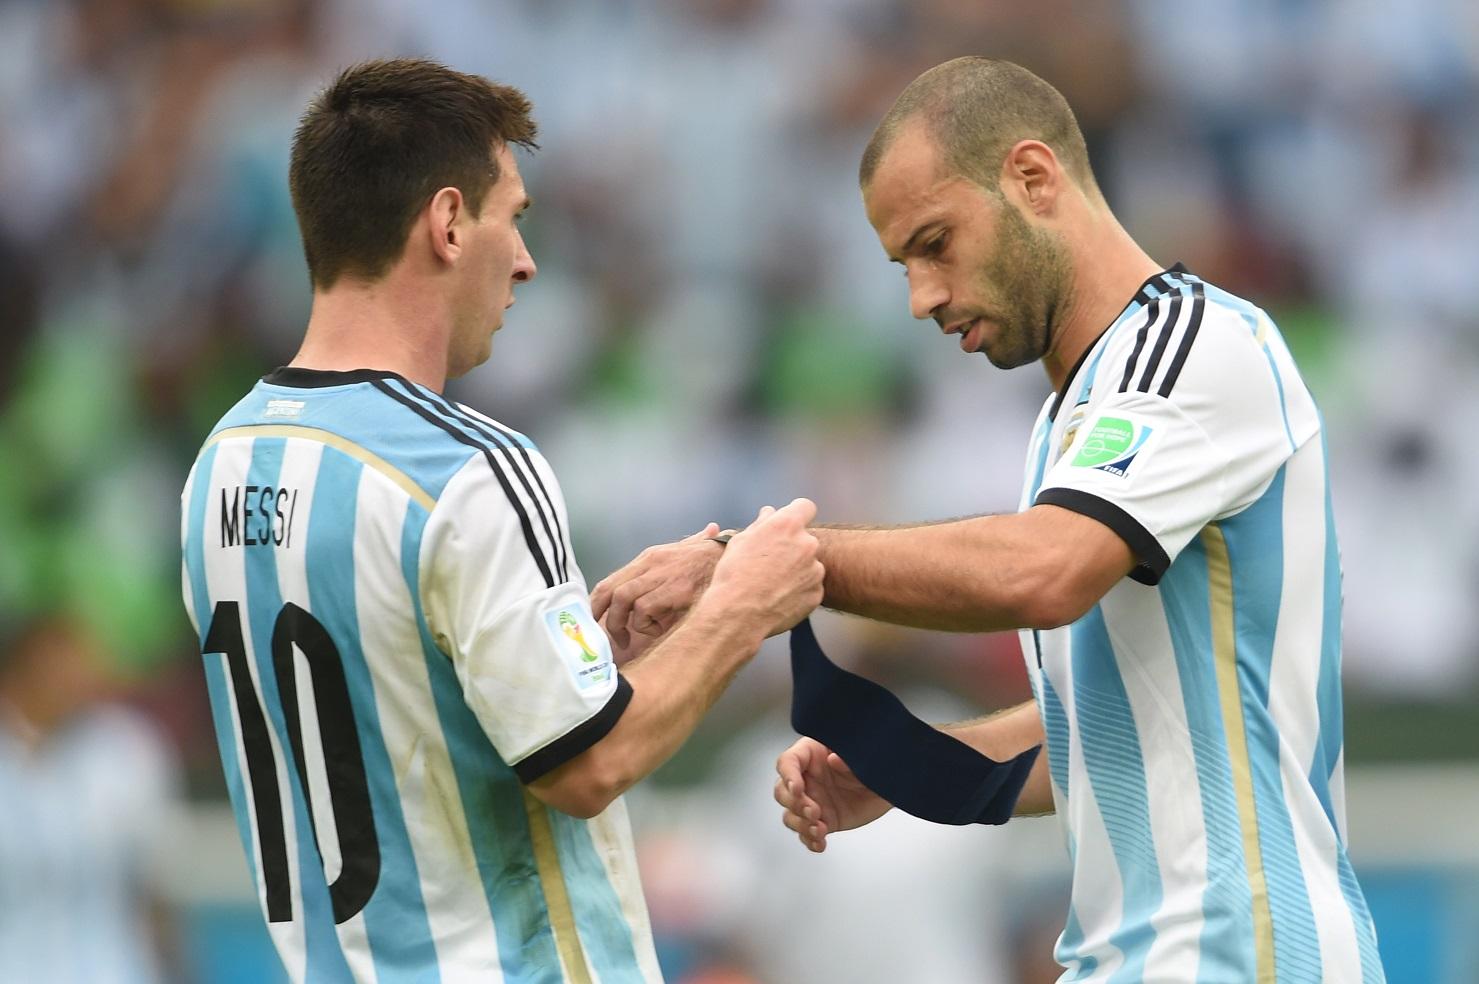 Lionel Messi Javier Mascherano Argentina Nigeria 2014 FIFA World Cup